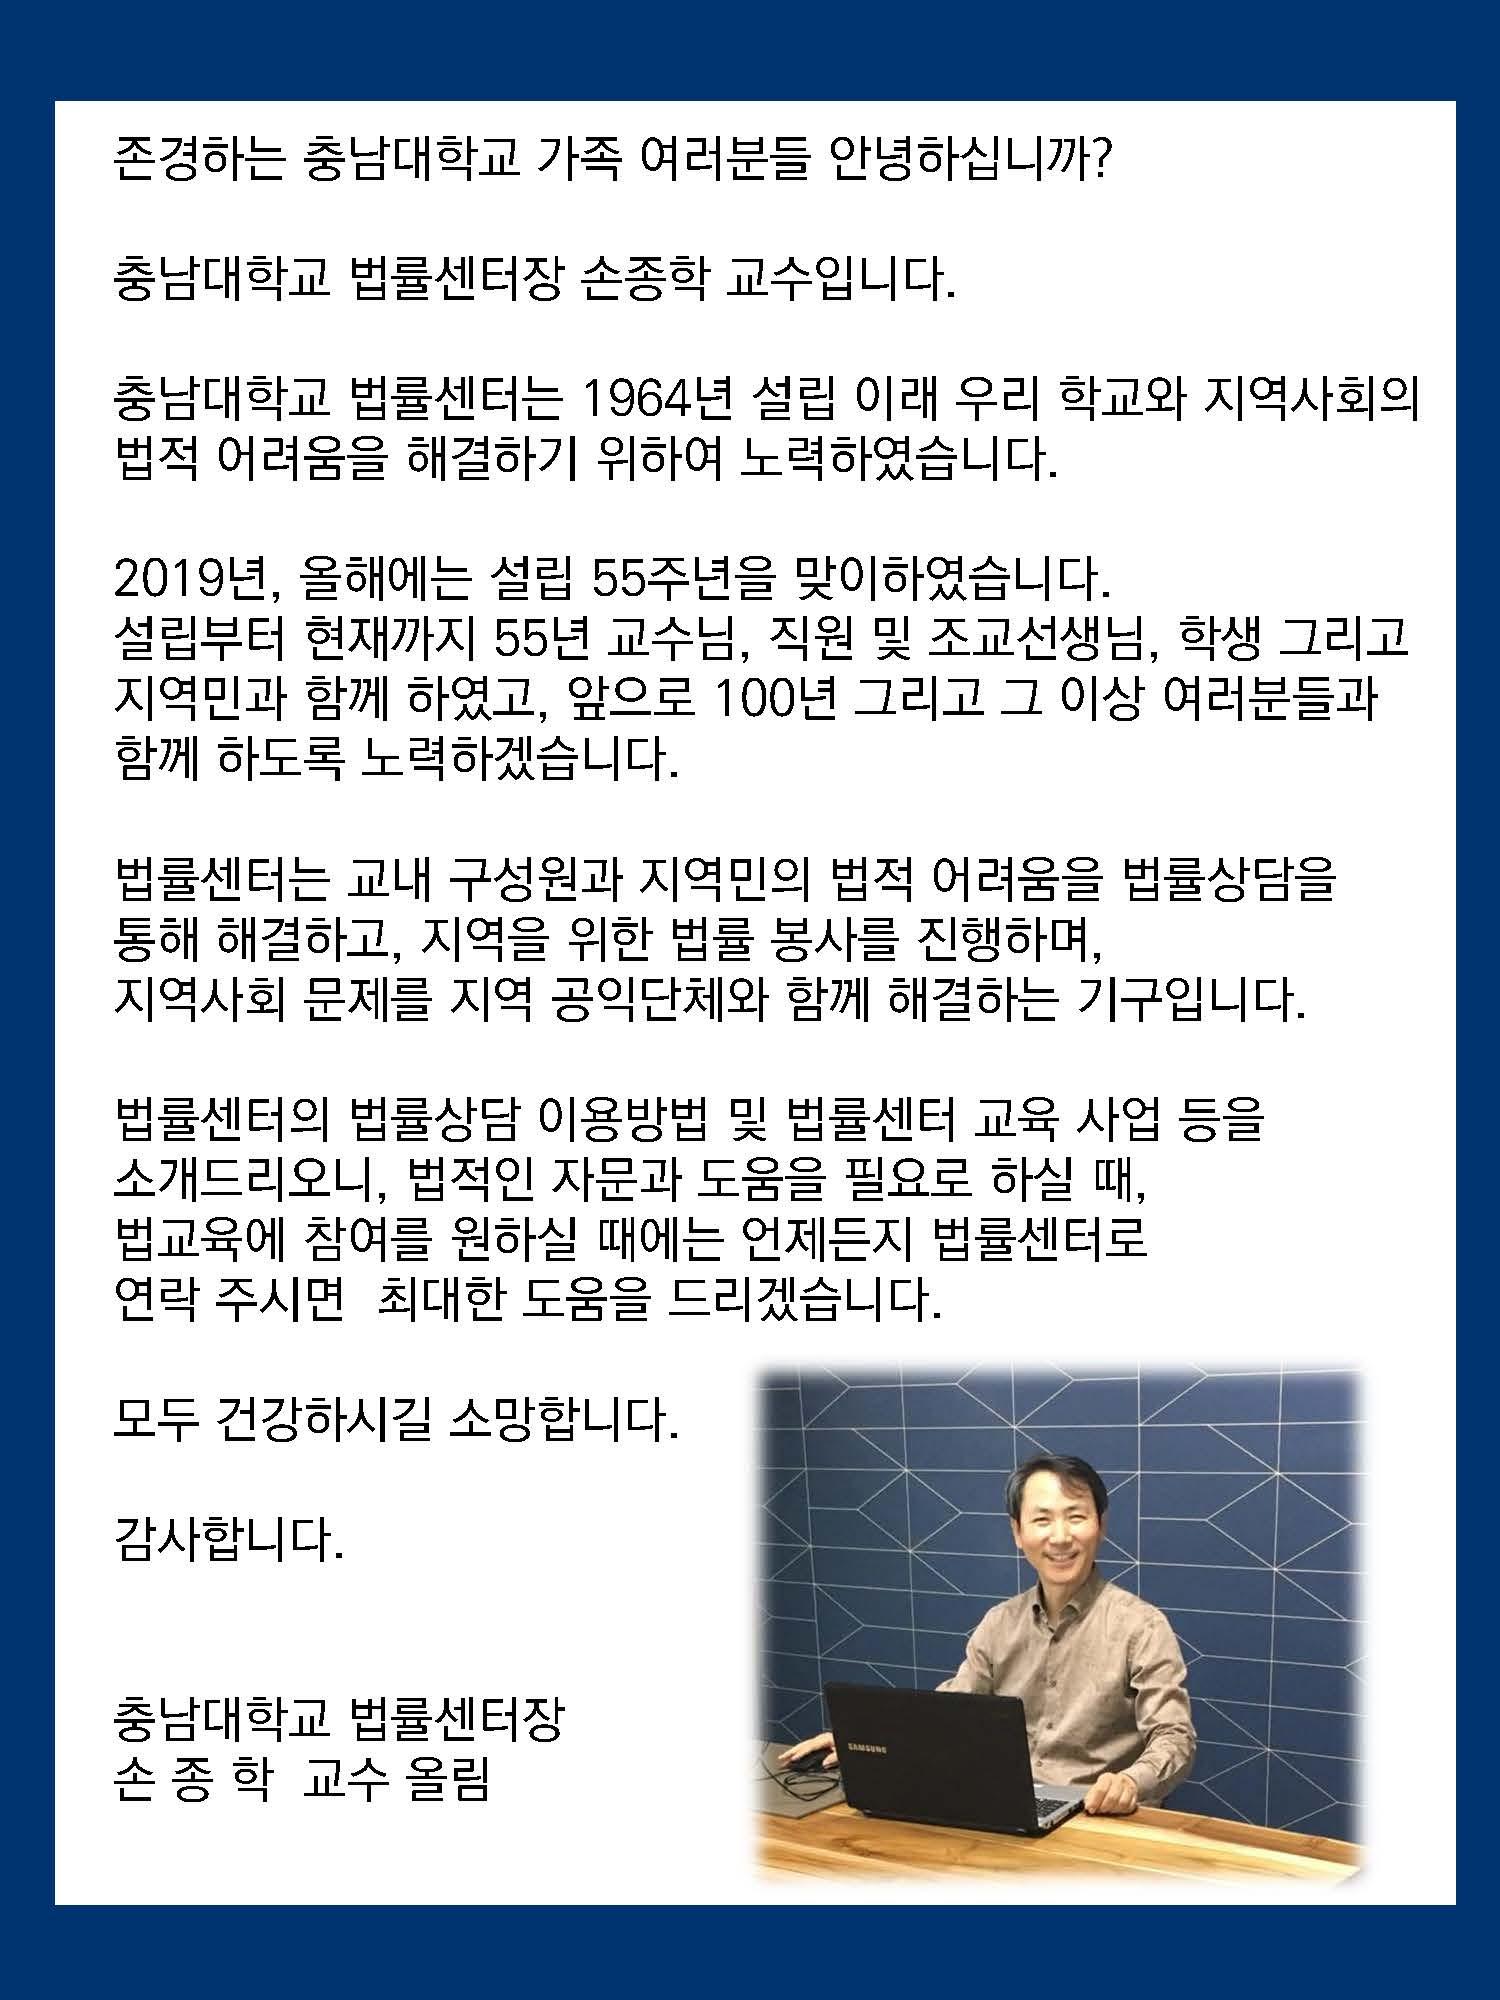 충남대학교 법률센터 홍보자료_페이지_02.jpg